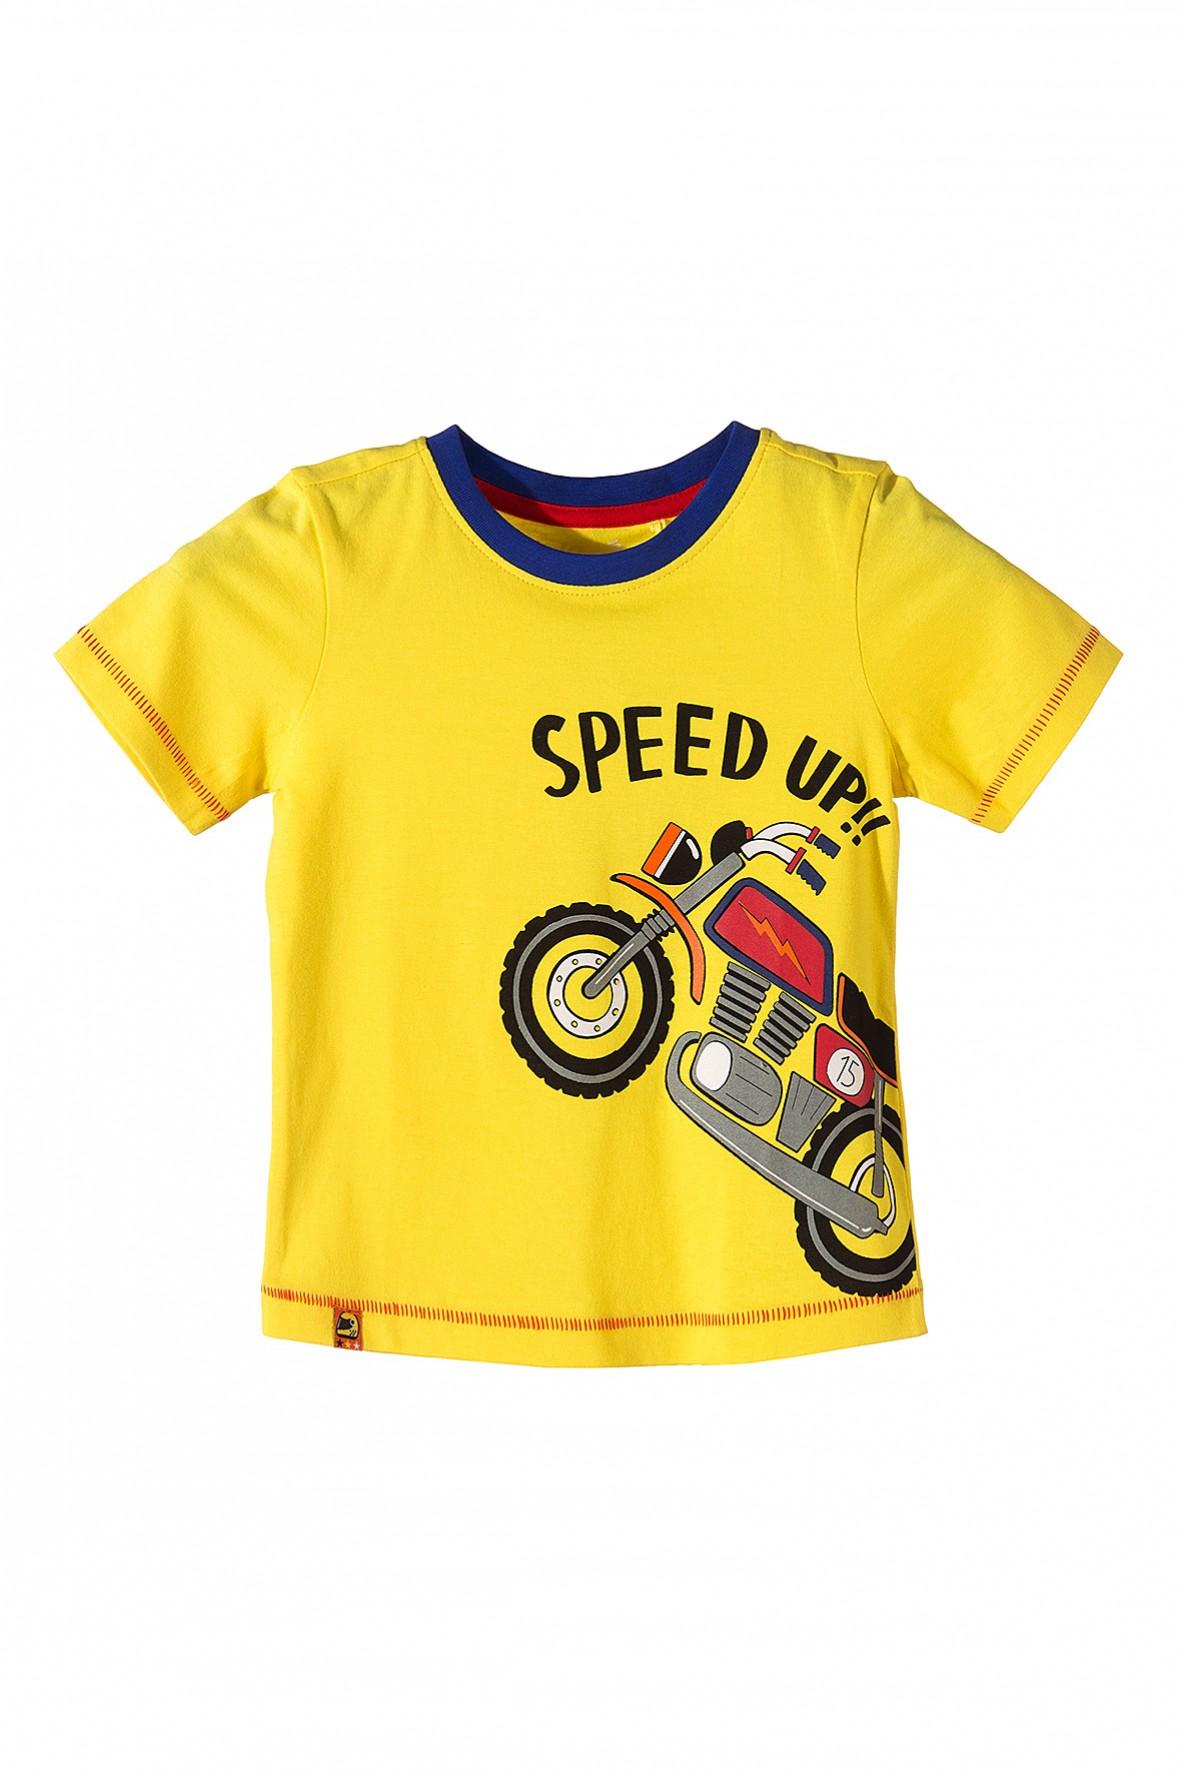 Wybitny Żółty t-shirt dla chłopca z motocyklem. T-shirty chłopięce w 5.10.15. DZ16